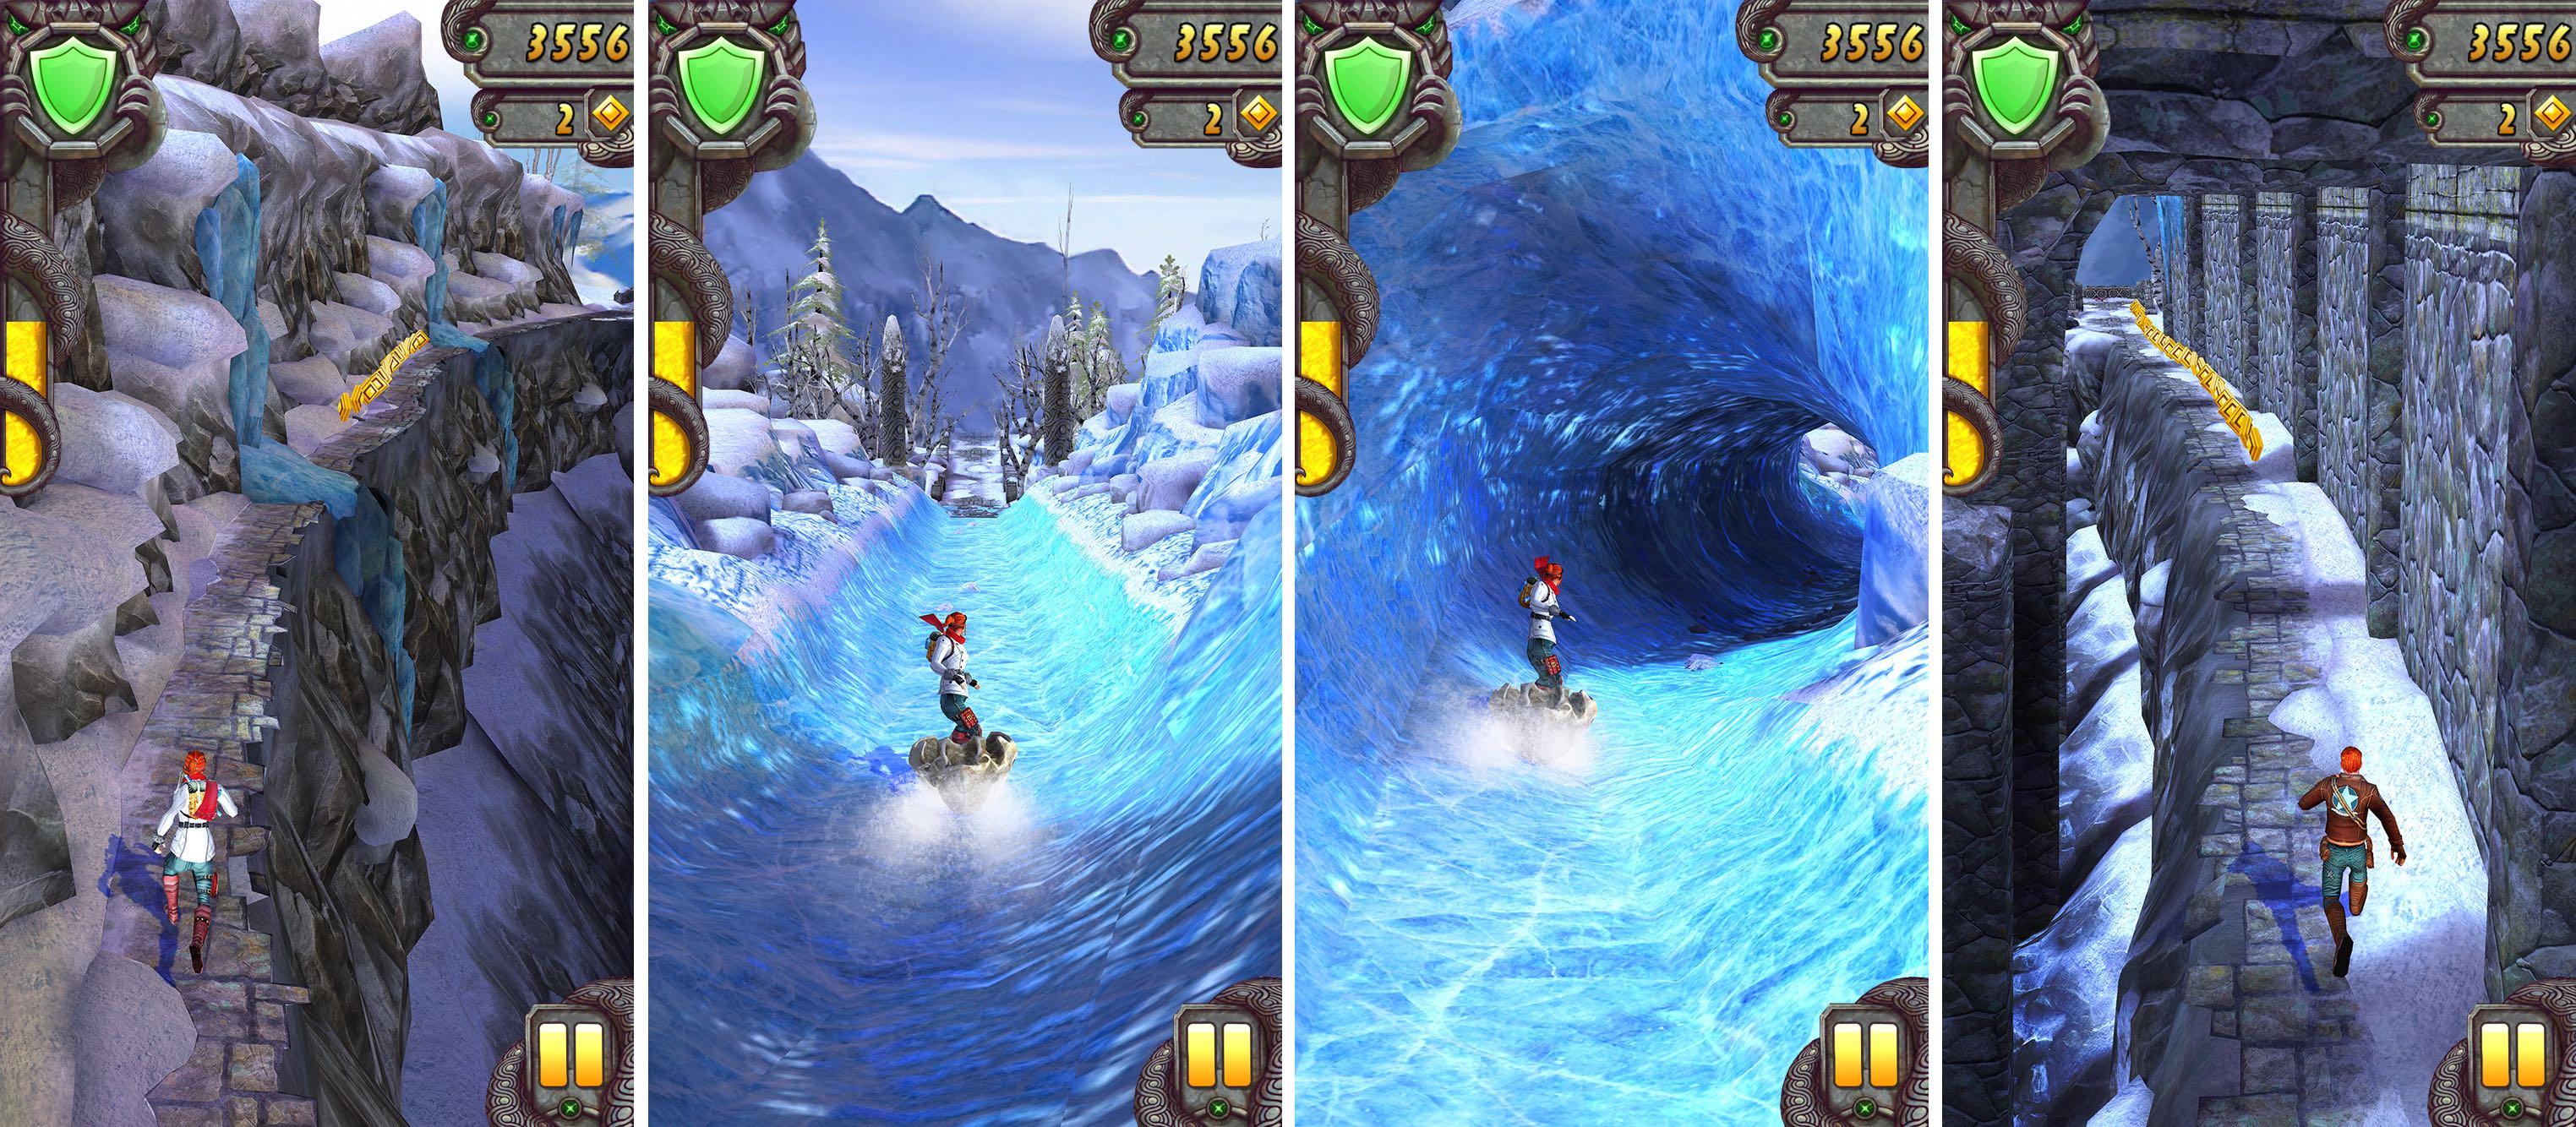 Captura de pantalla 002 de Temple Run 2 Frozen Shadows para iPhone